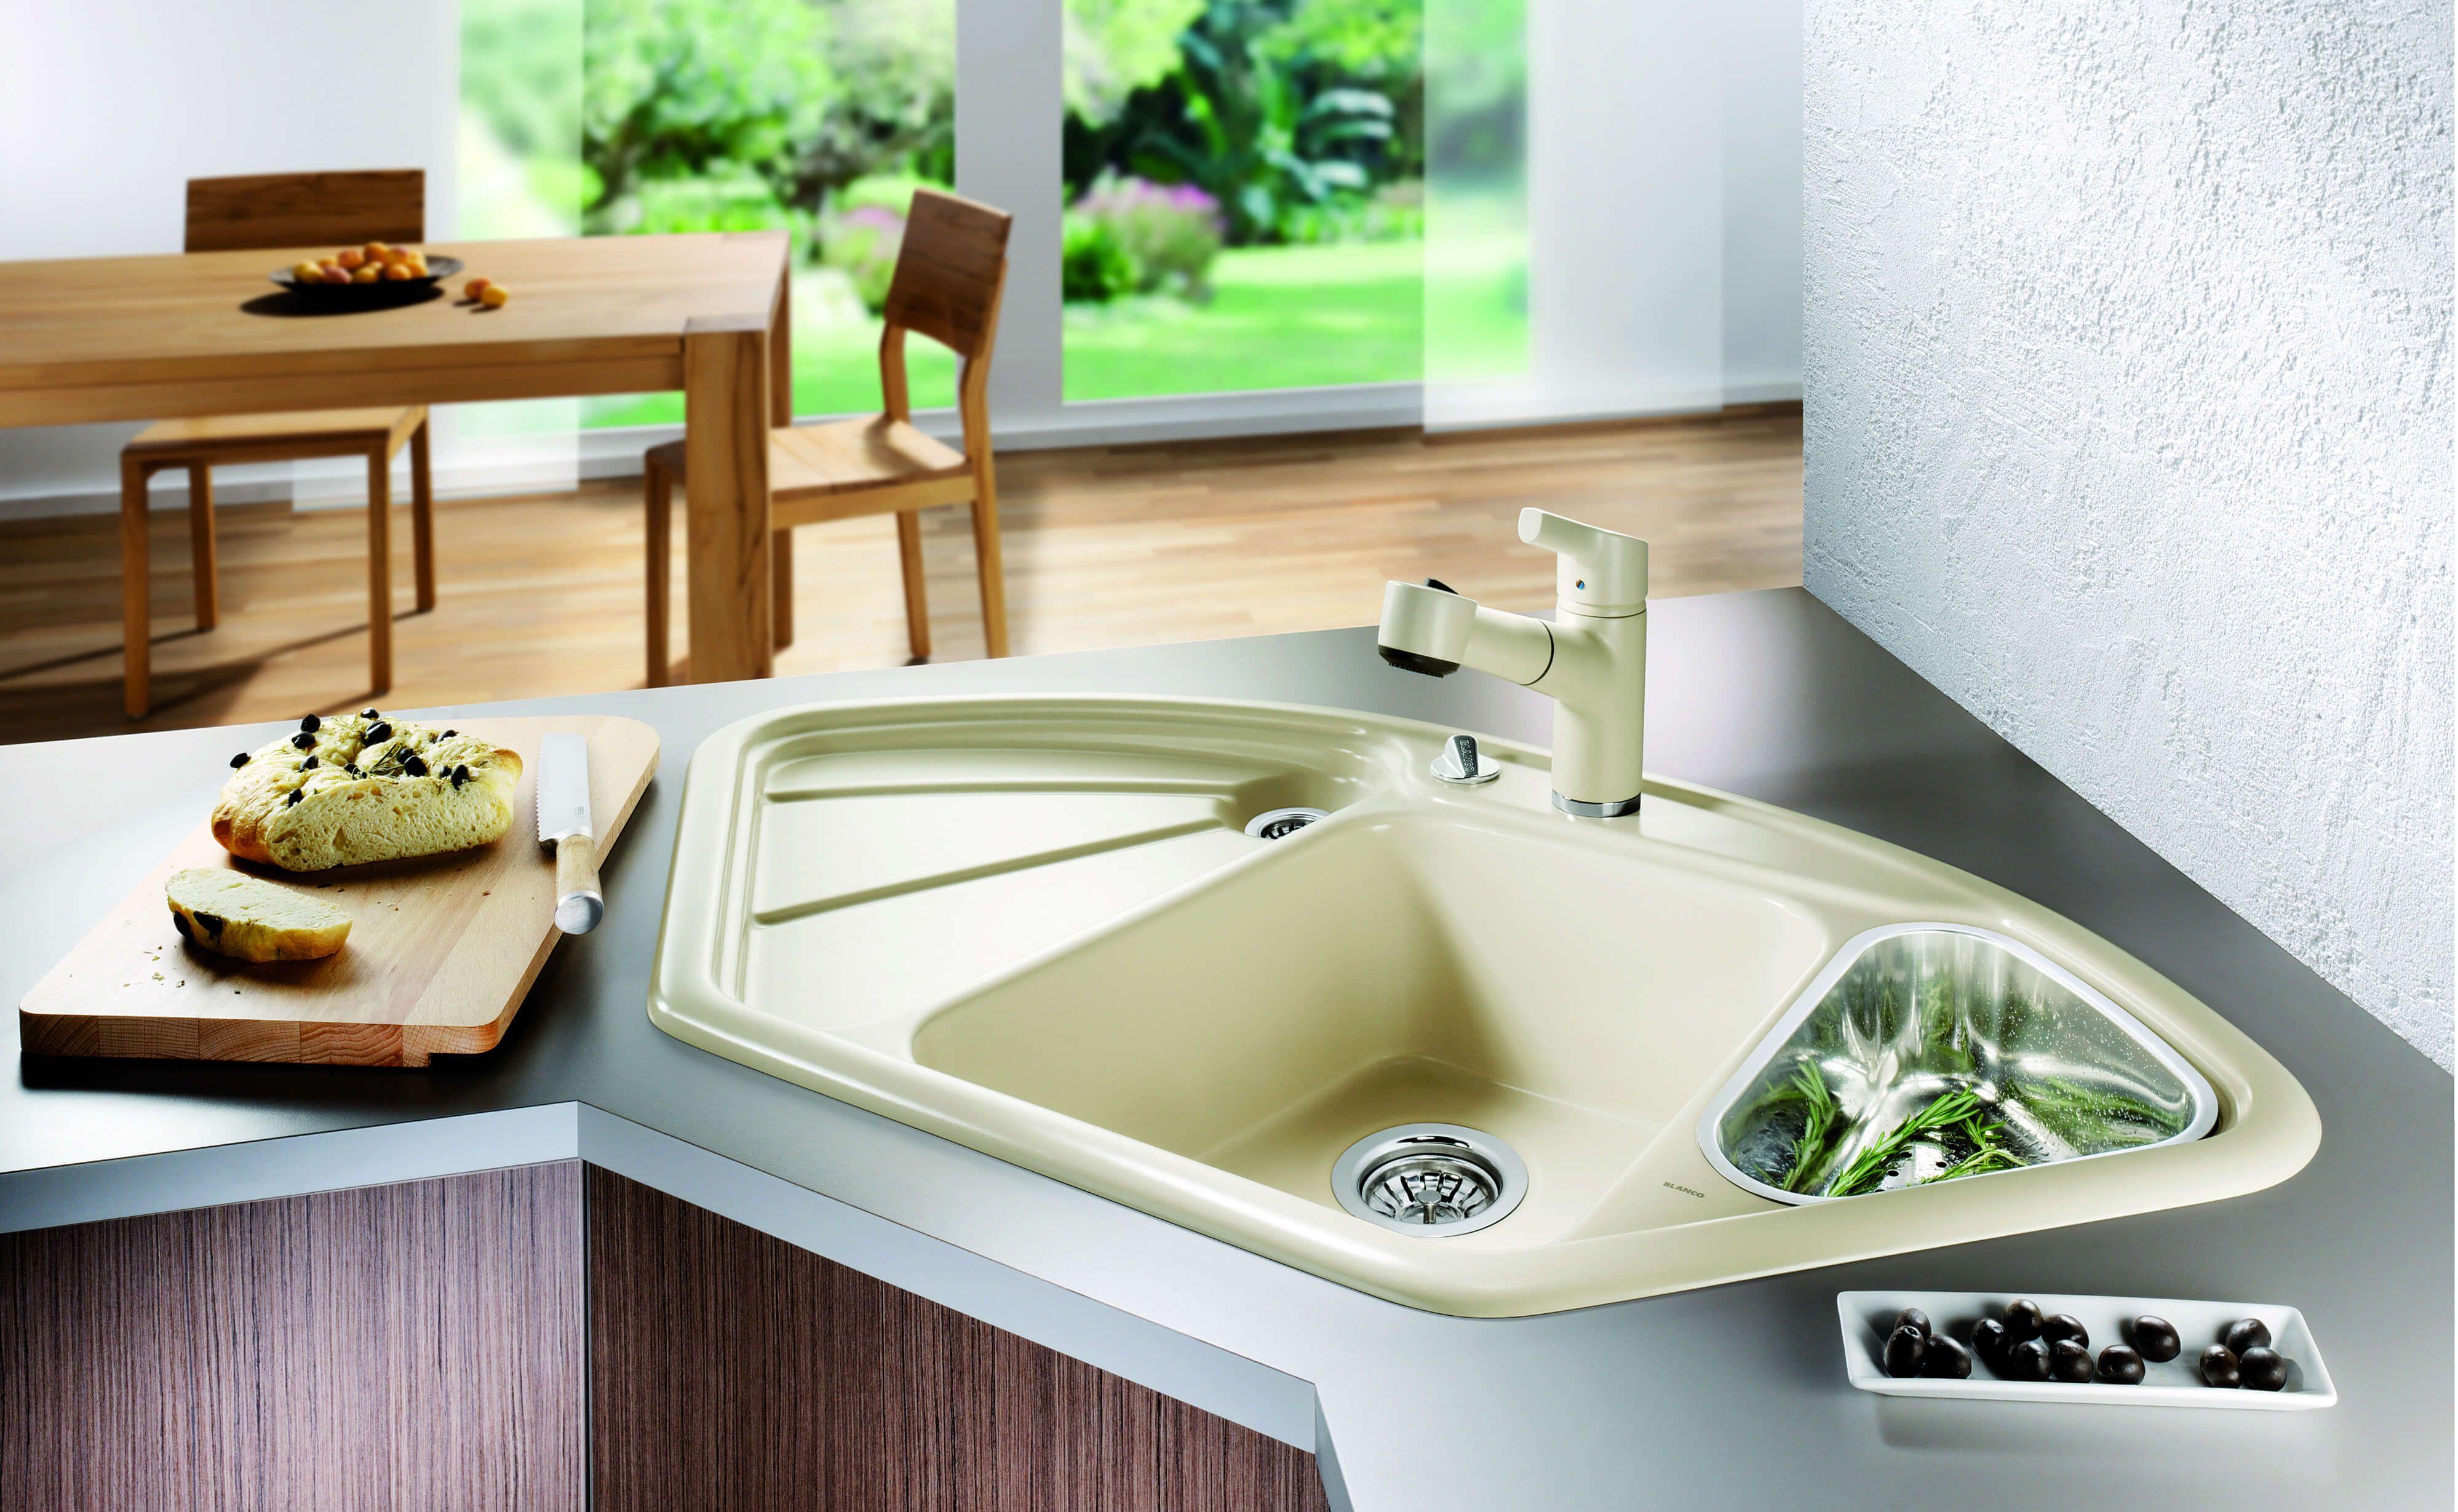 Praktische Ecklösungen für die Küche: Ideal bei wenig Platz ...